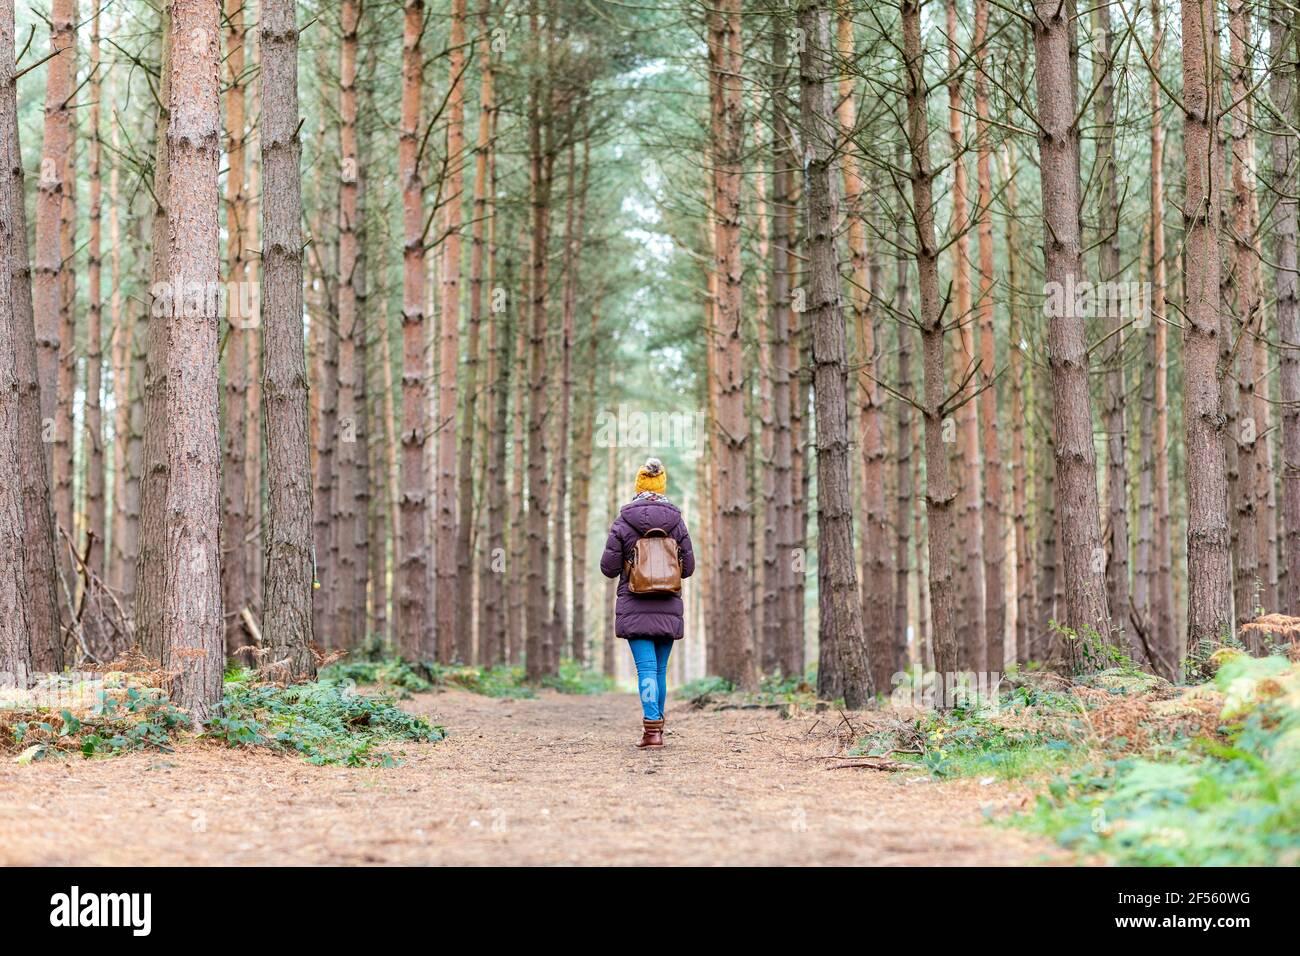 Frau mit Rucksack inmitten von Bäumen im Wald Stockfoto